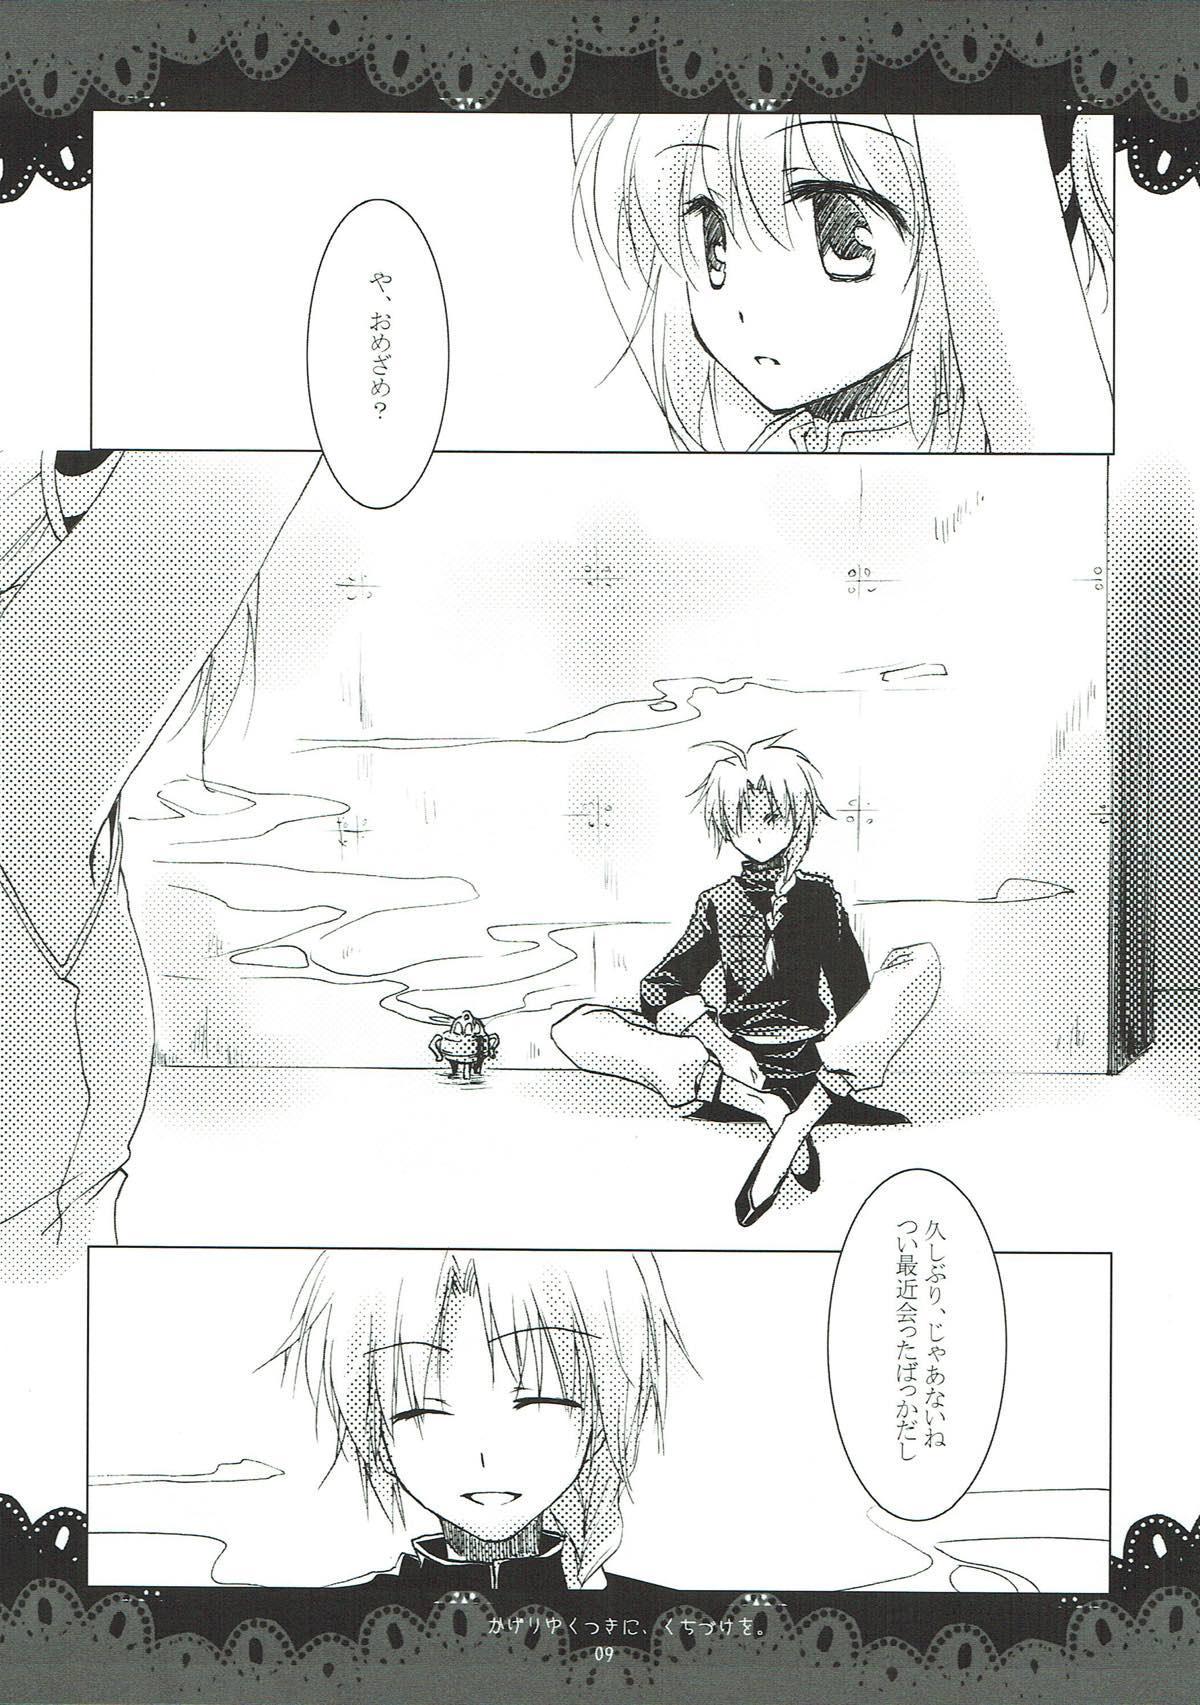 Kageriyuku Tsuki ni, Kuchizuke o. 6